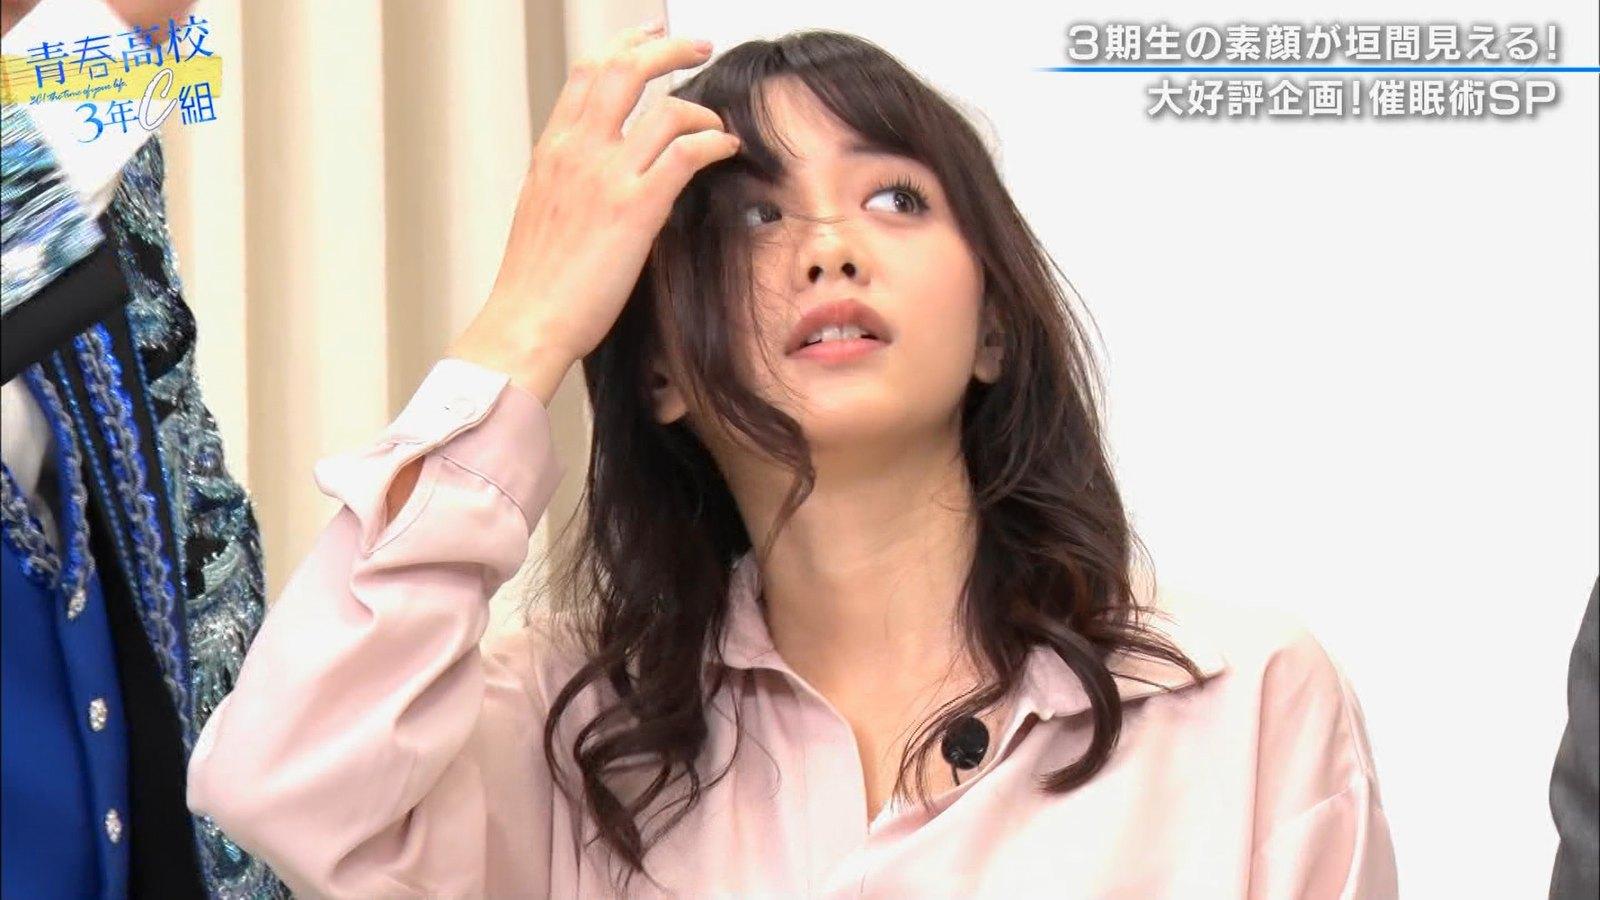 森香澄_女子アナ_乳揺れ_おっぱい_キャプエロ画像_41